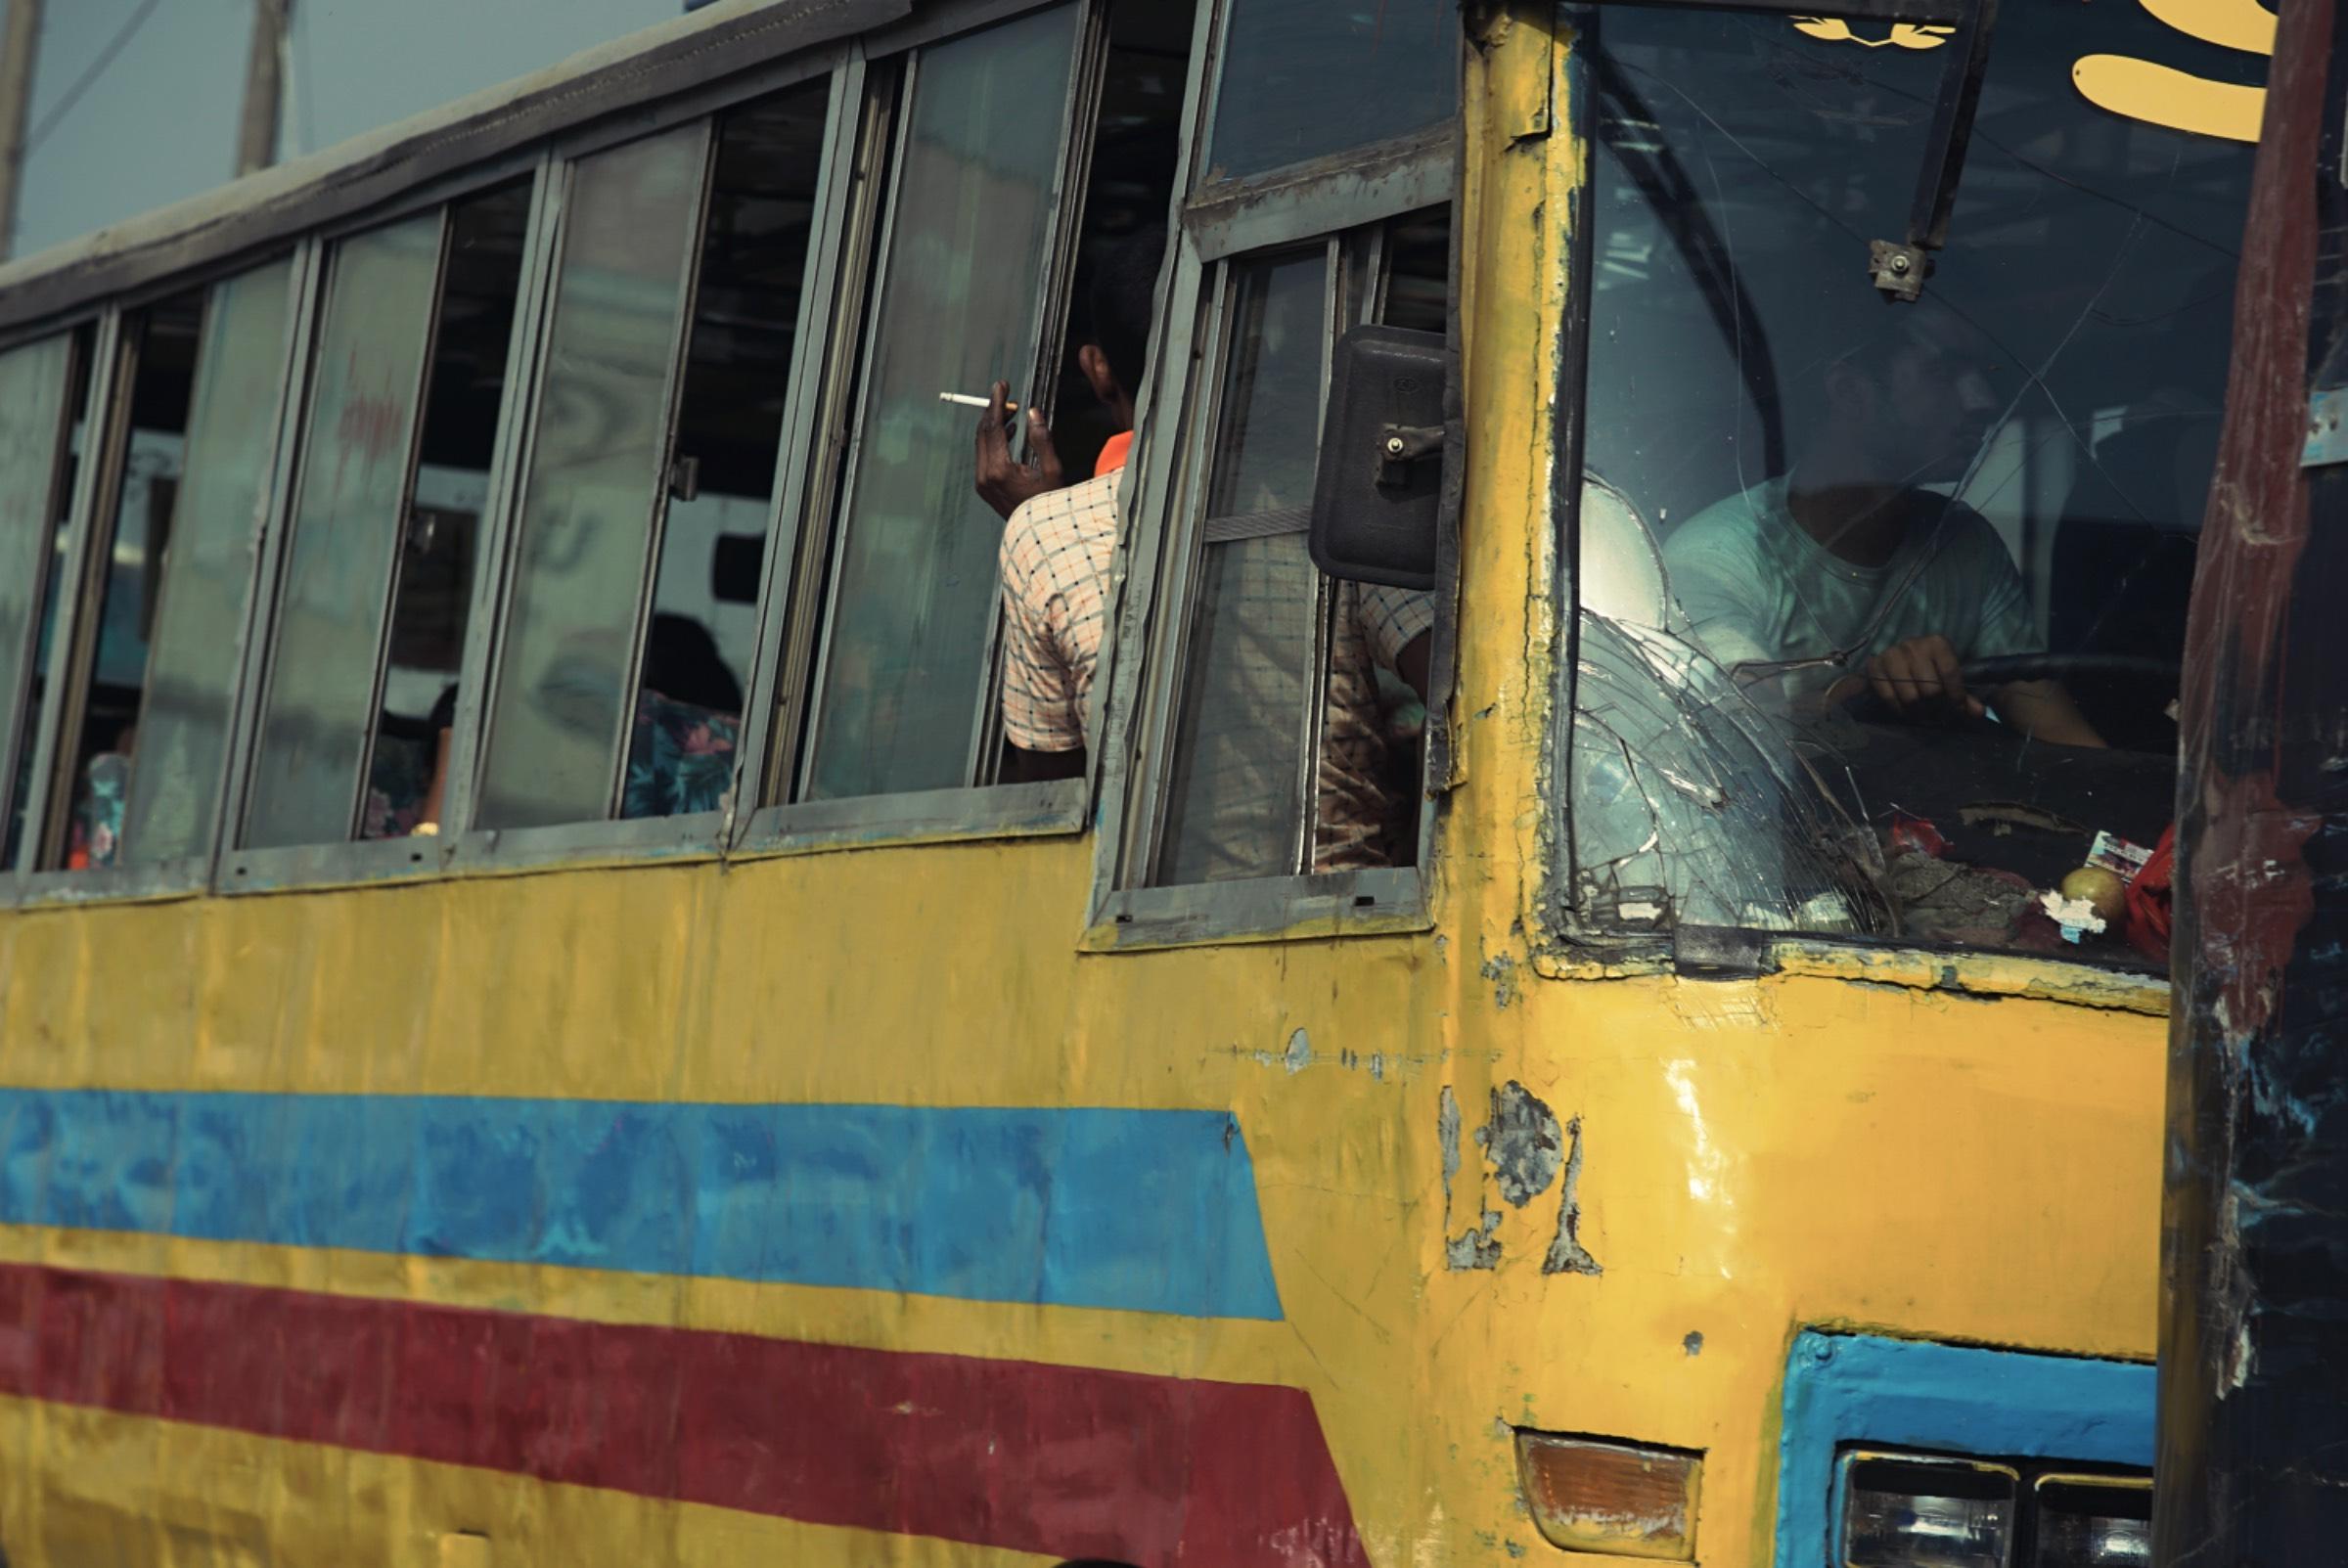 DSC07012_Bangladesh_Jarek_Raczek_WEB